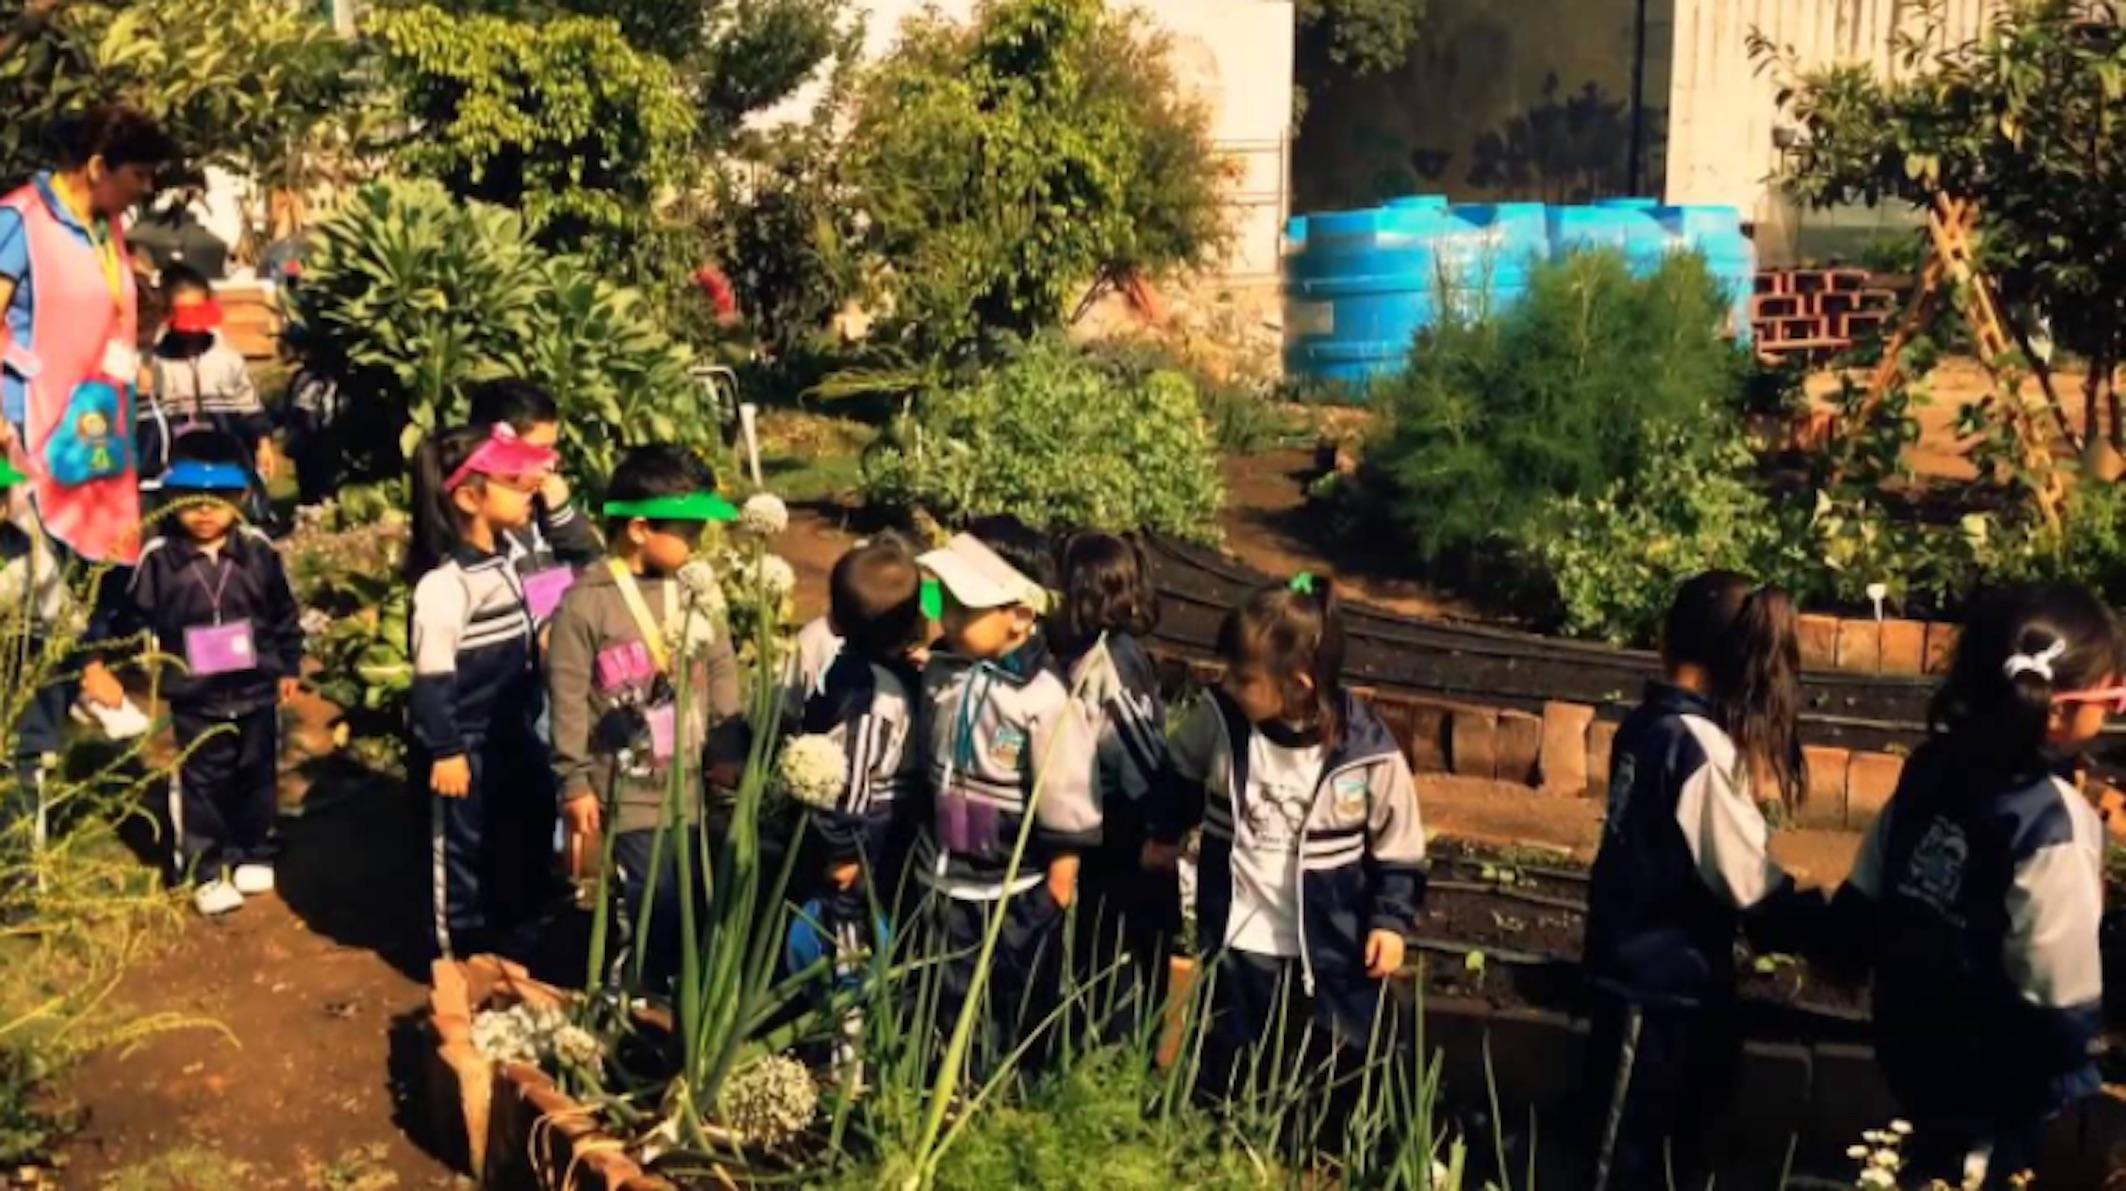 Urban garden ideas: these urban garden designs will make your city green